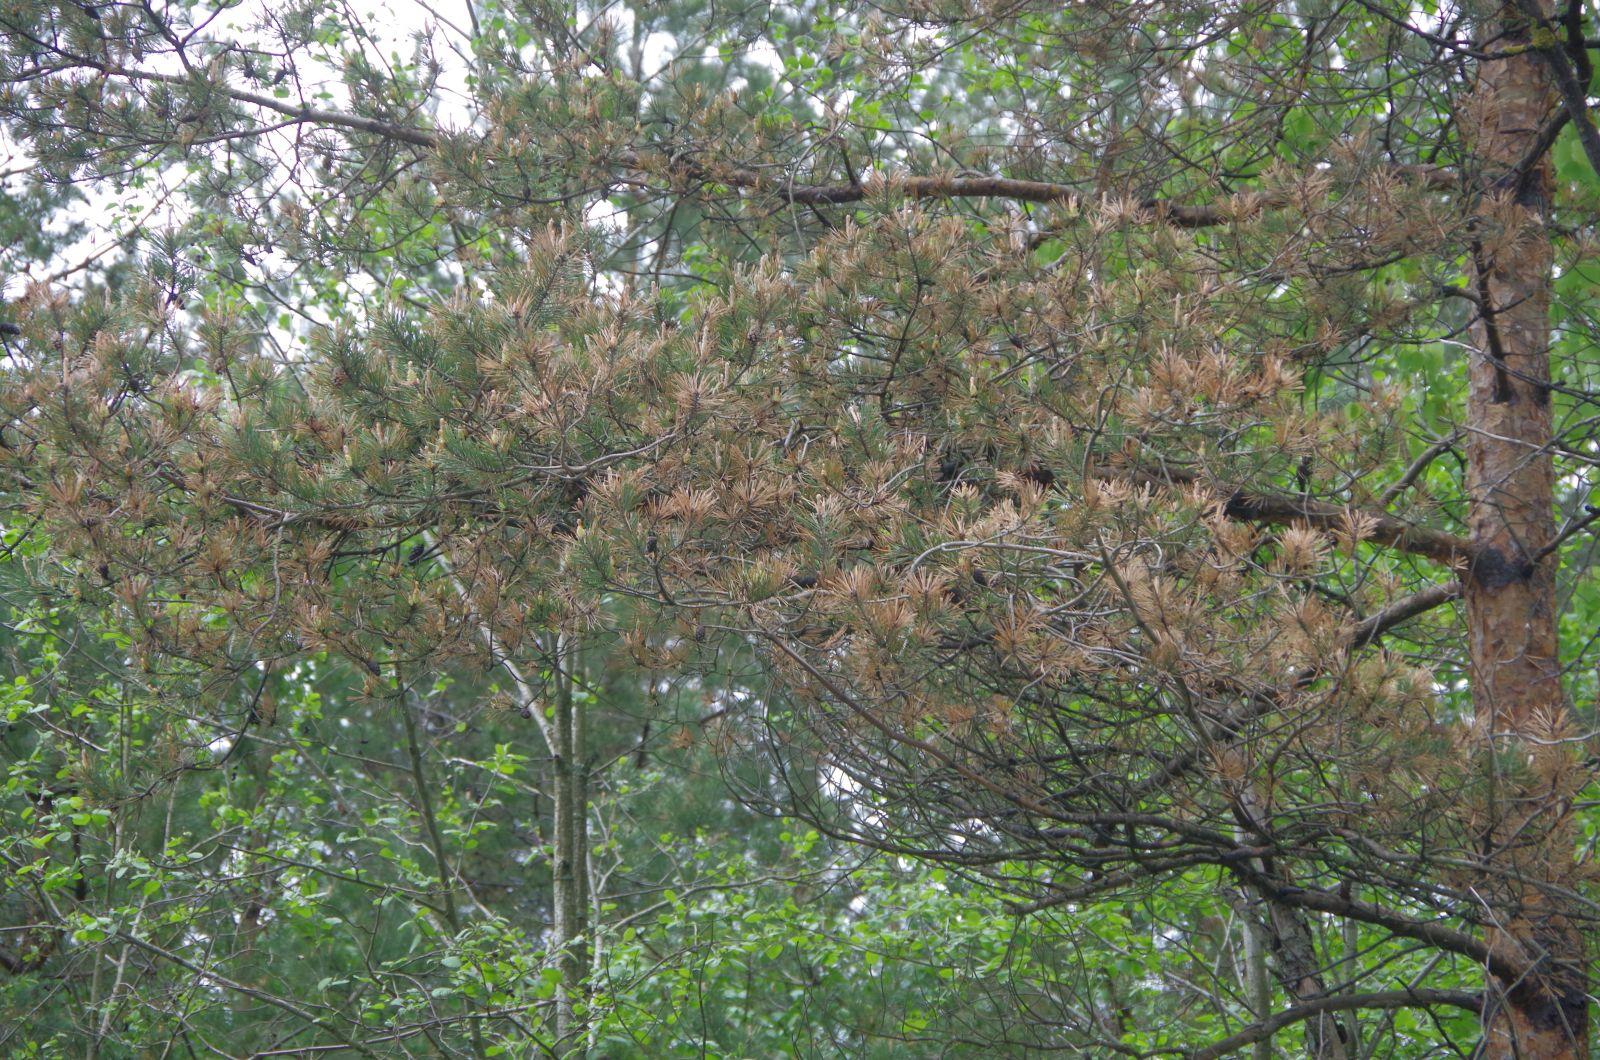 это более деревья новгородской области фото с названиями злого медведя, согласно